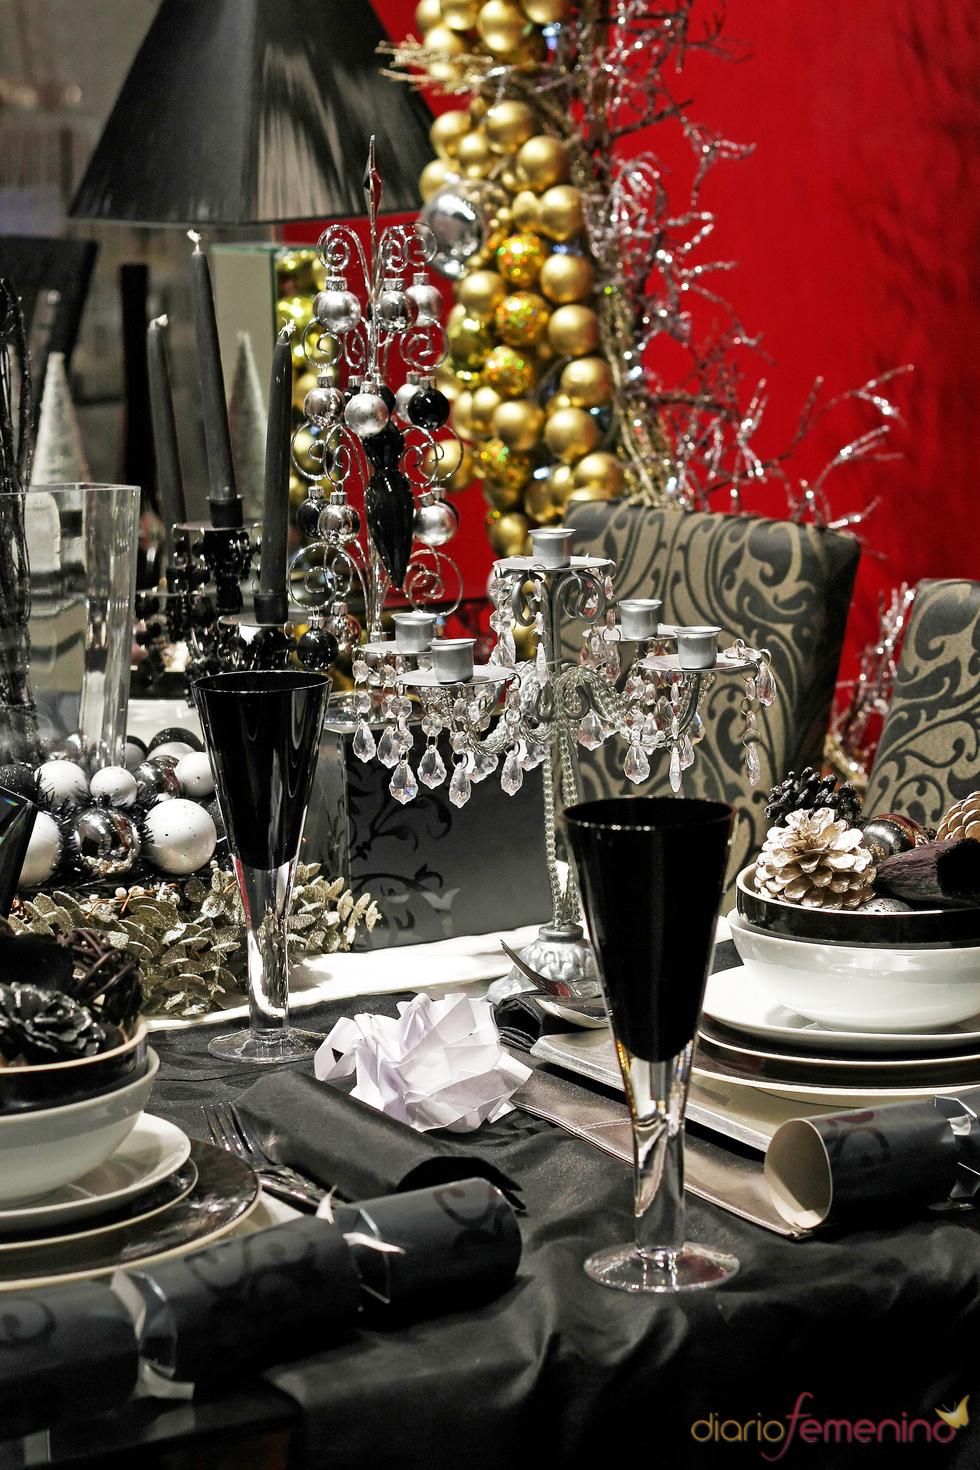 Mesa de Navidad decorada en tonos oscuros